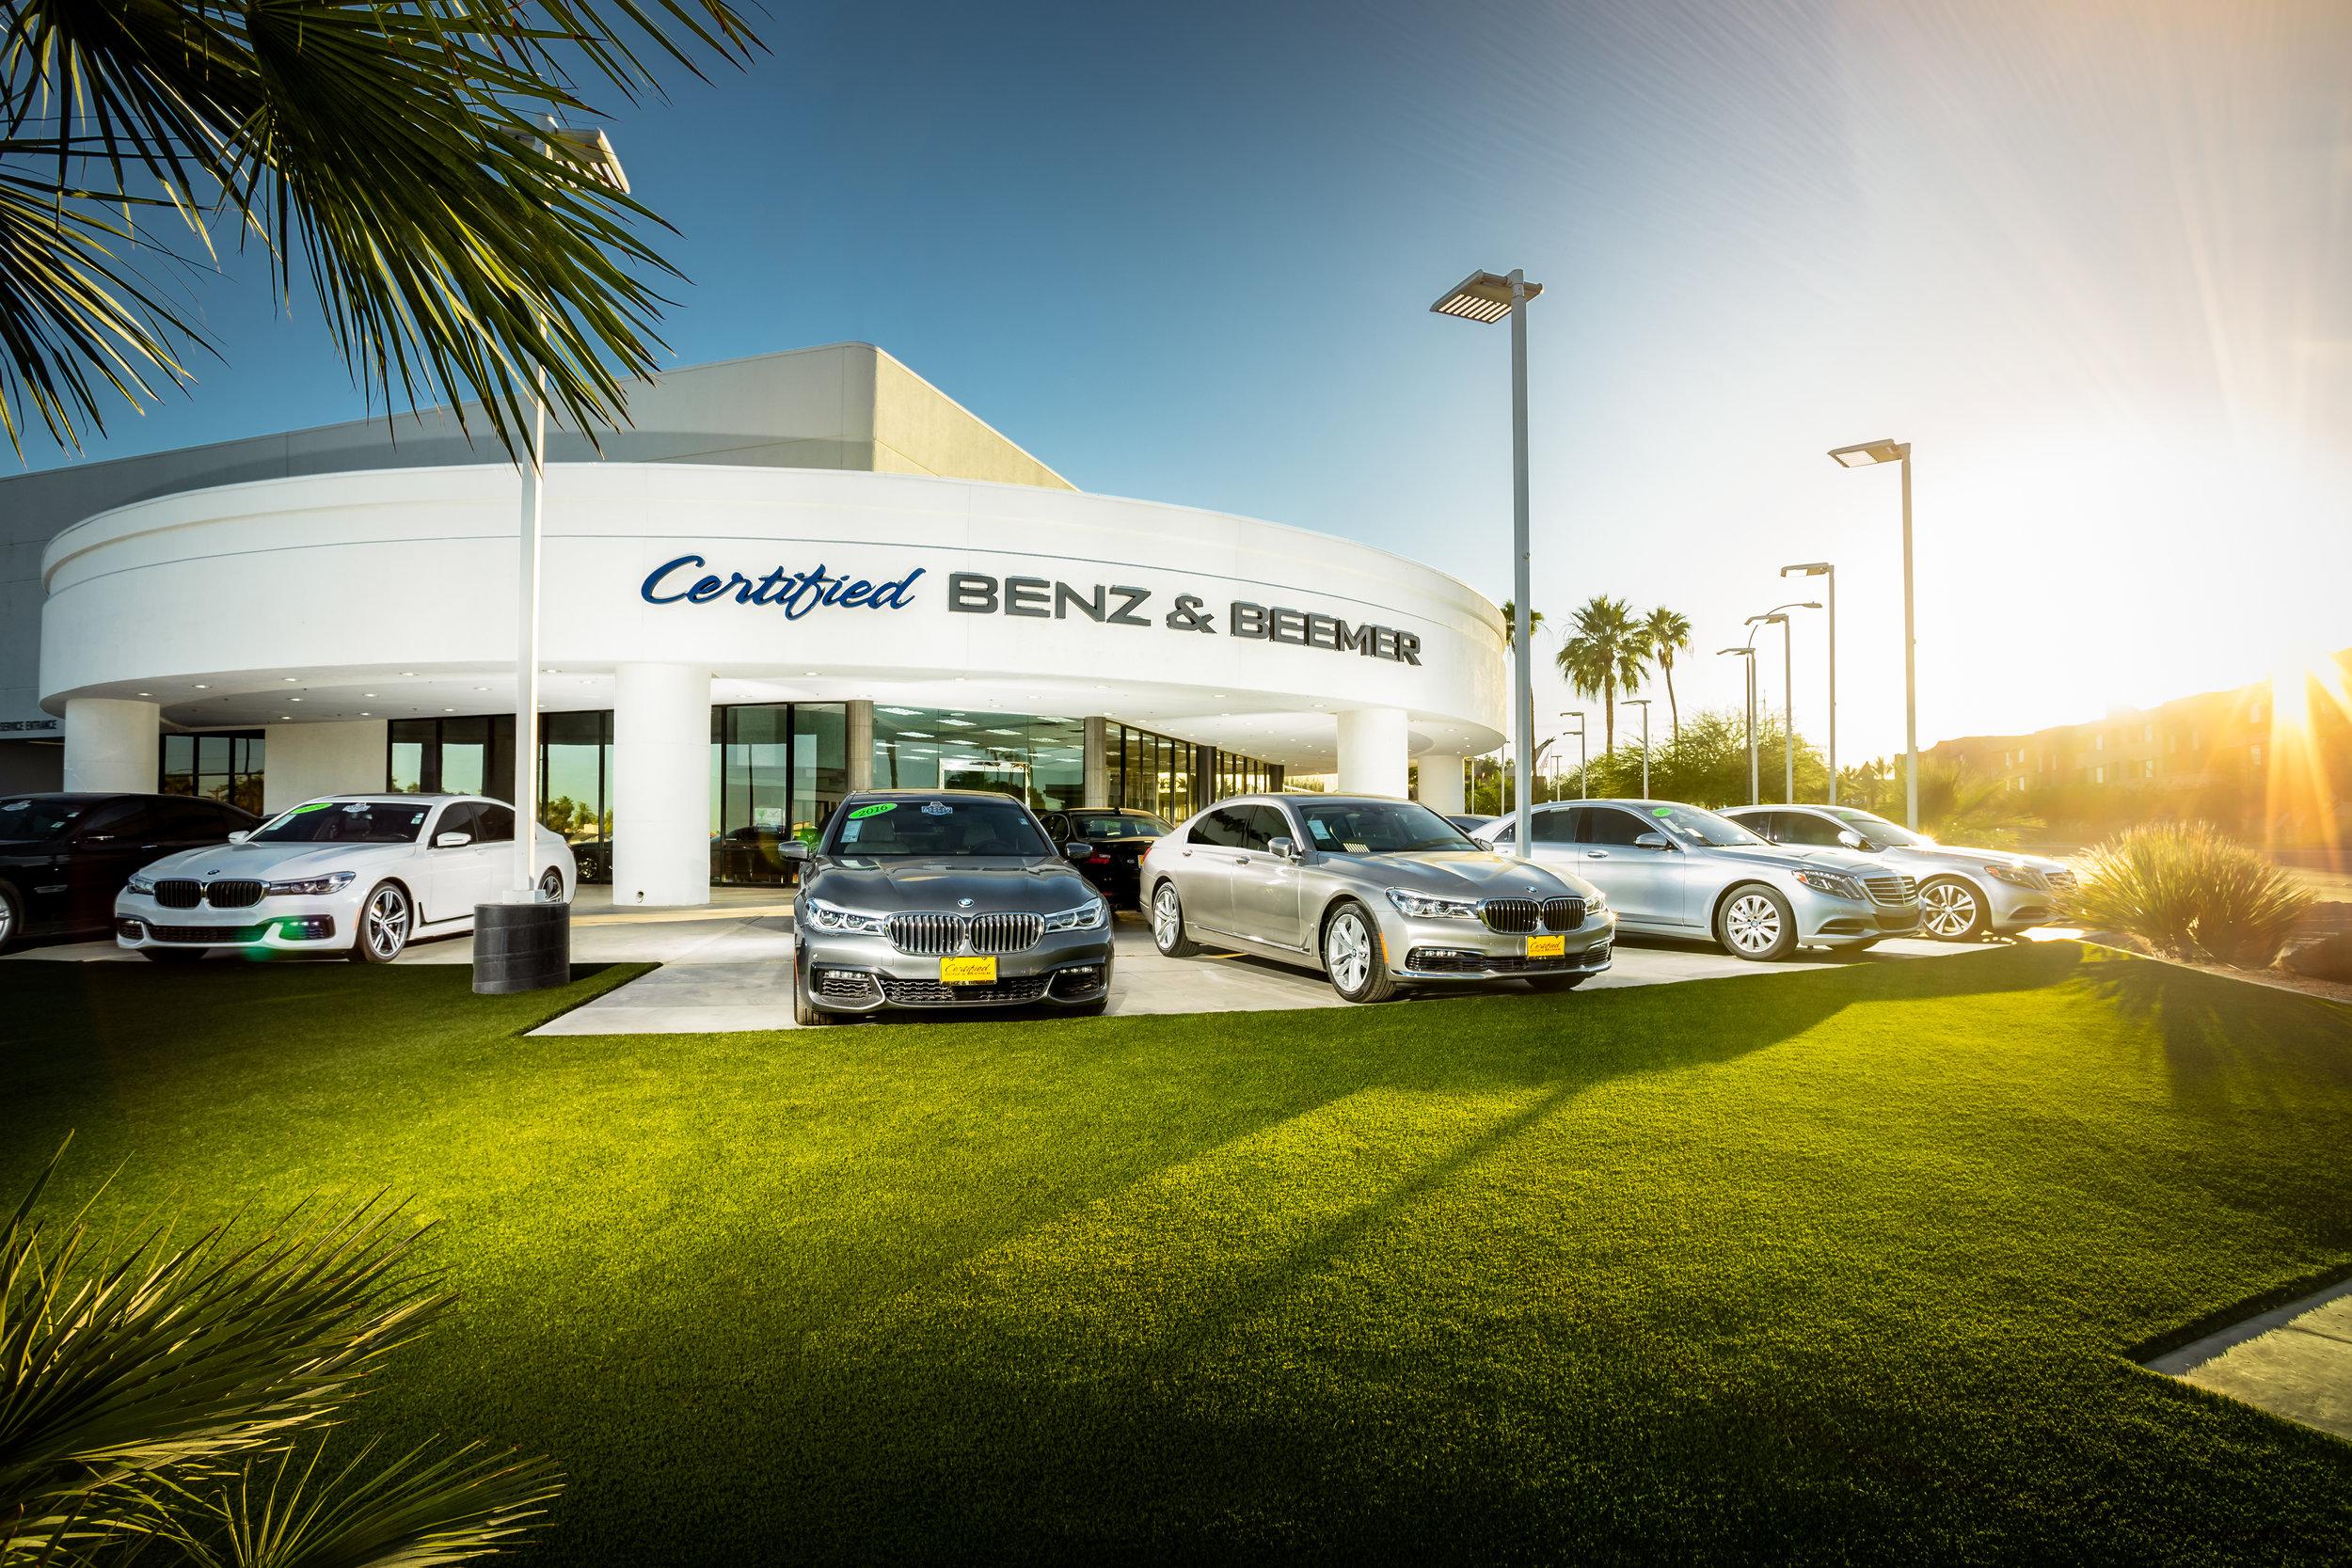 Highline Autos - Certified Benz and Beemer-5.jpg